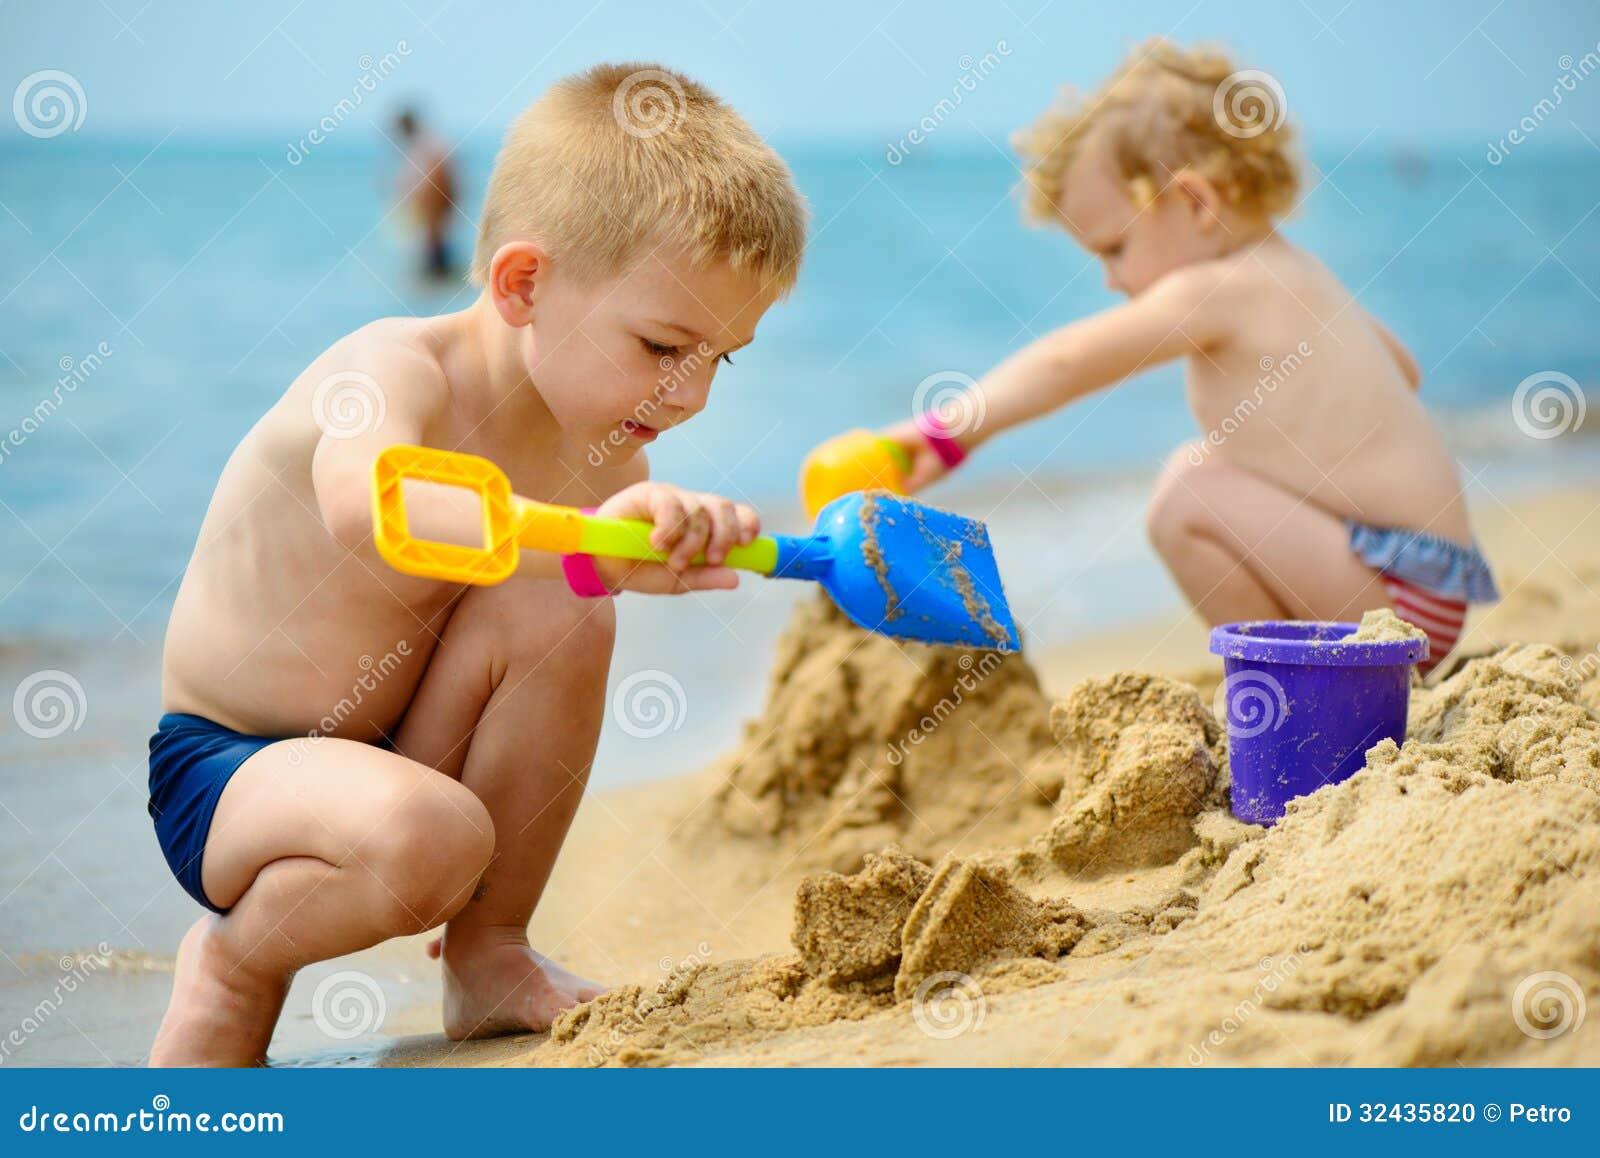 Två barn som spelar med sand på havstranden